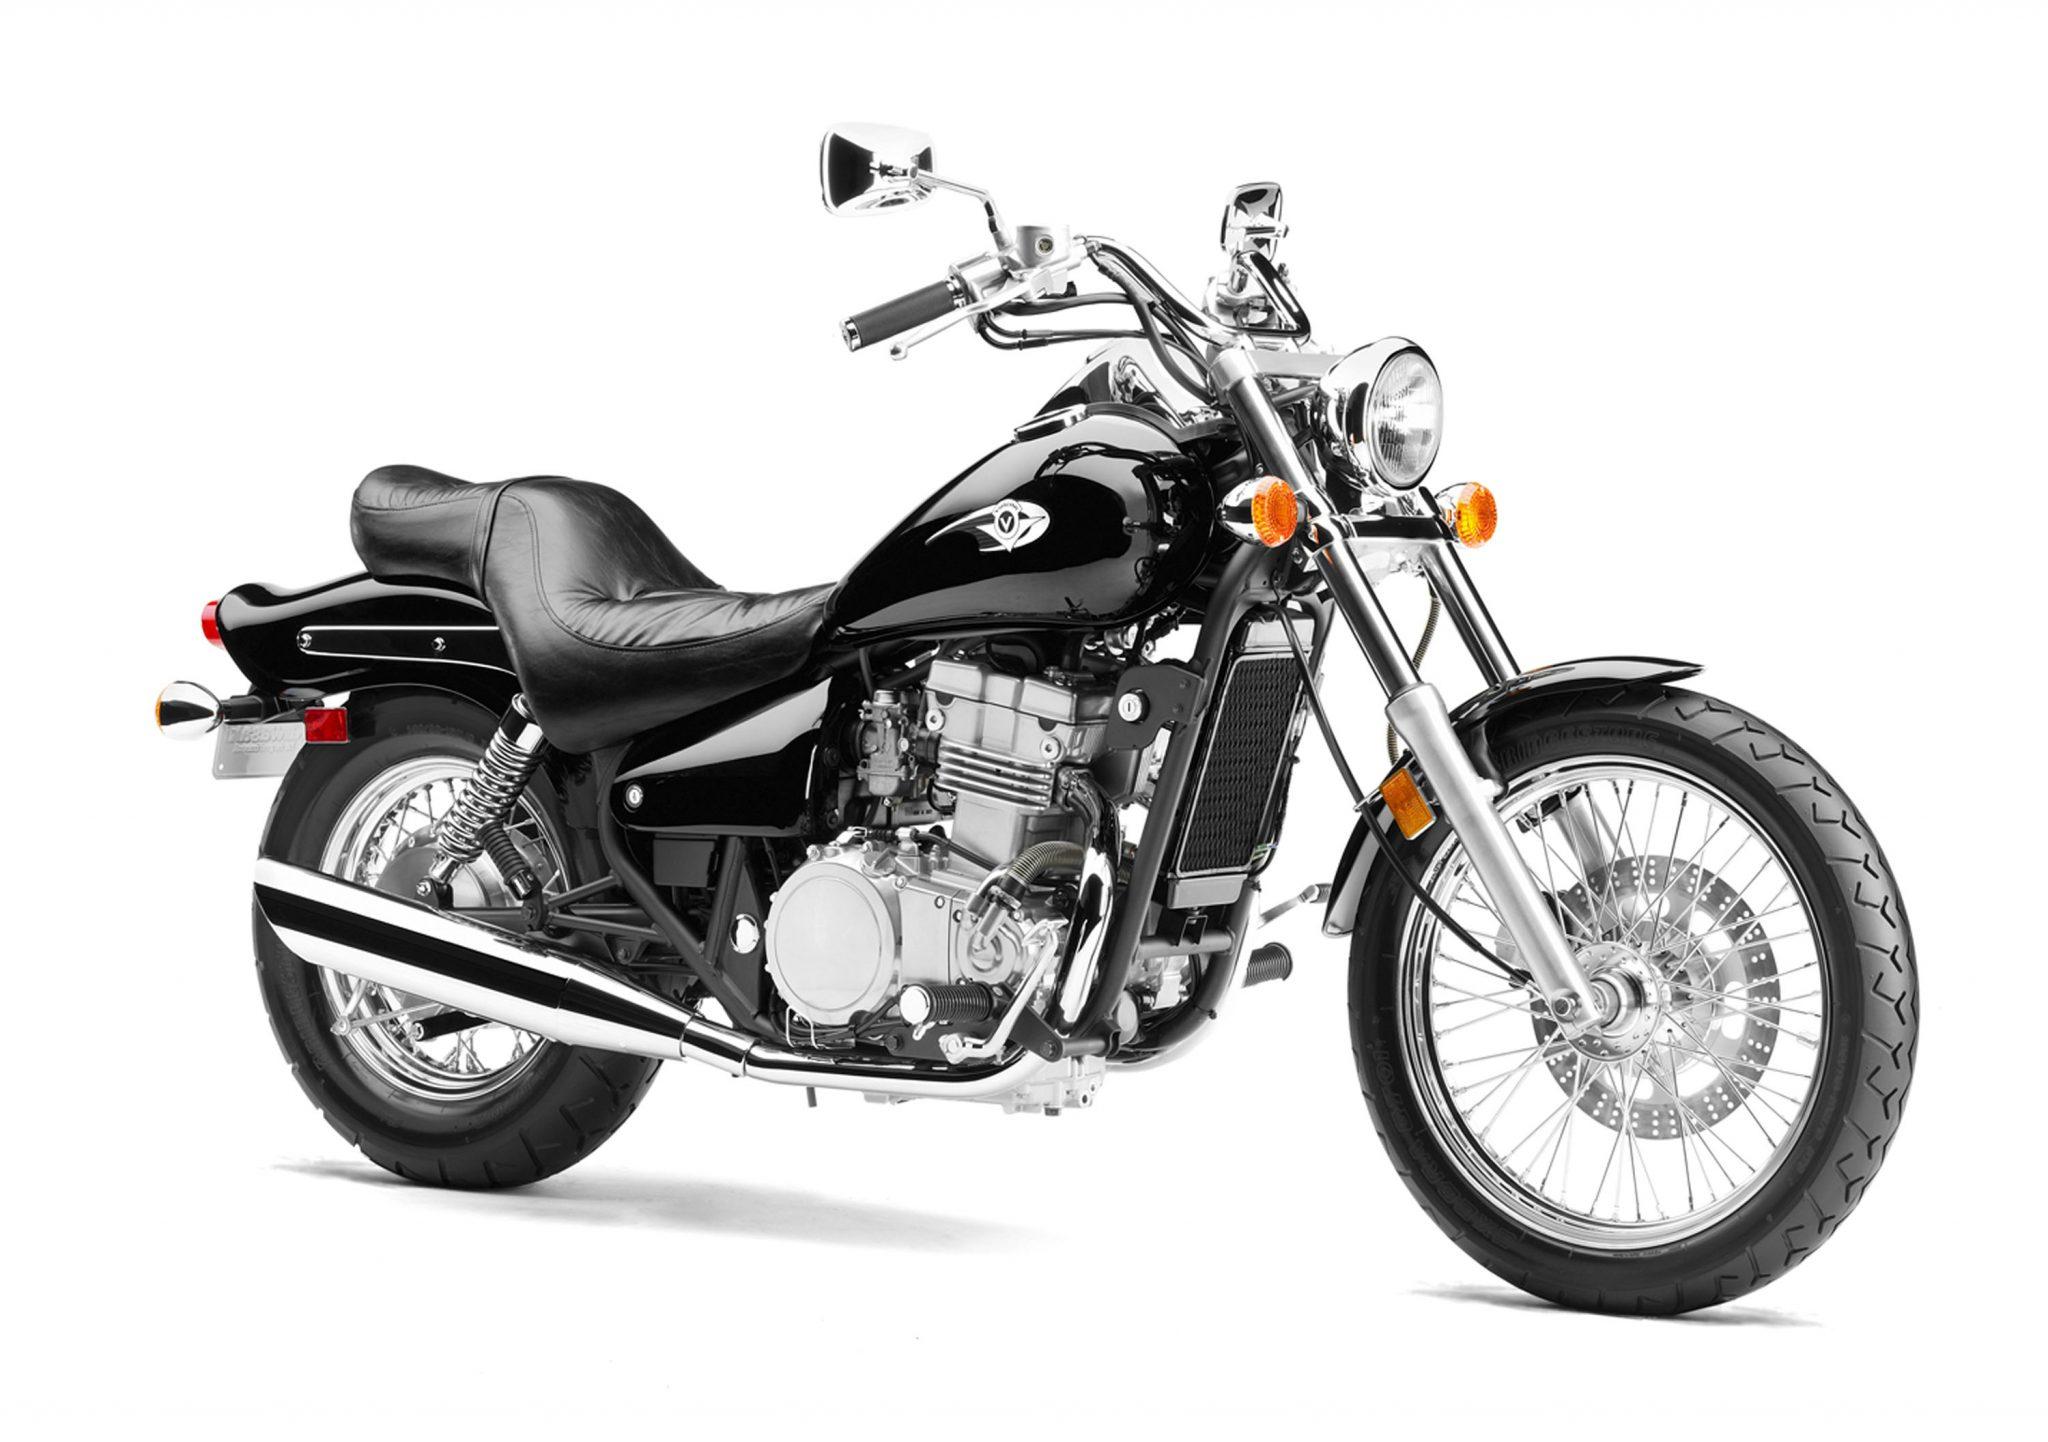 Beginner Motorcycles That Don't LOOK Like Beginner Motorcycles